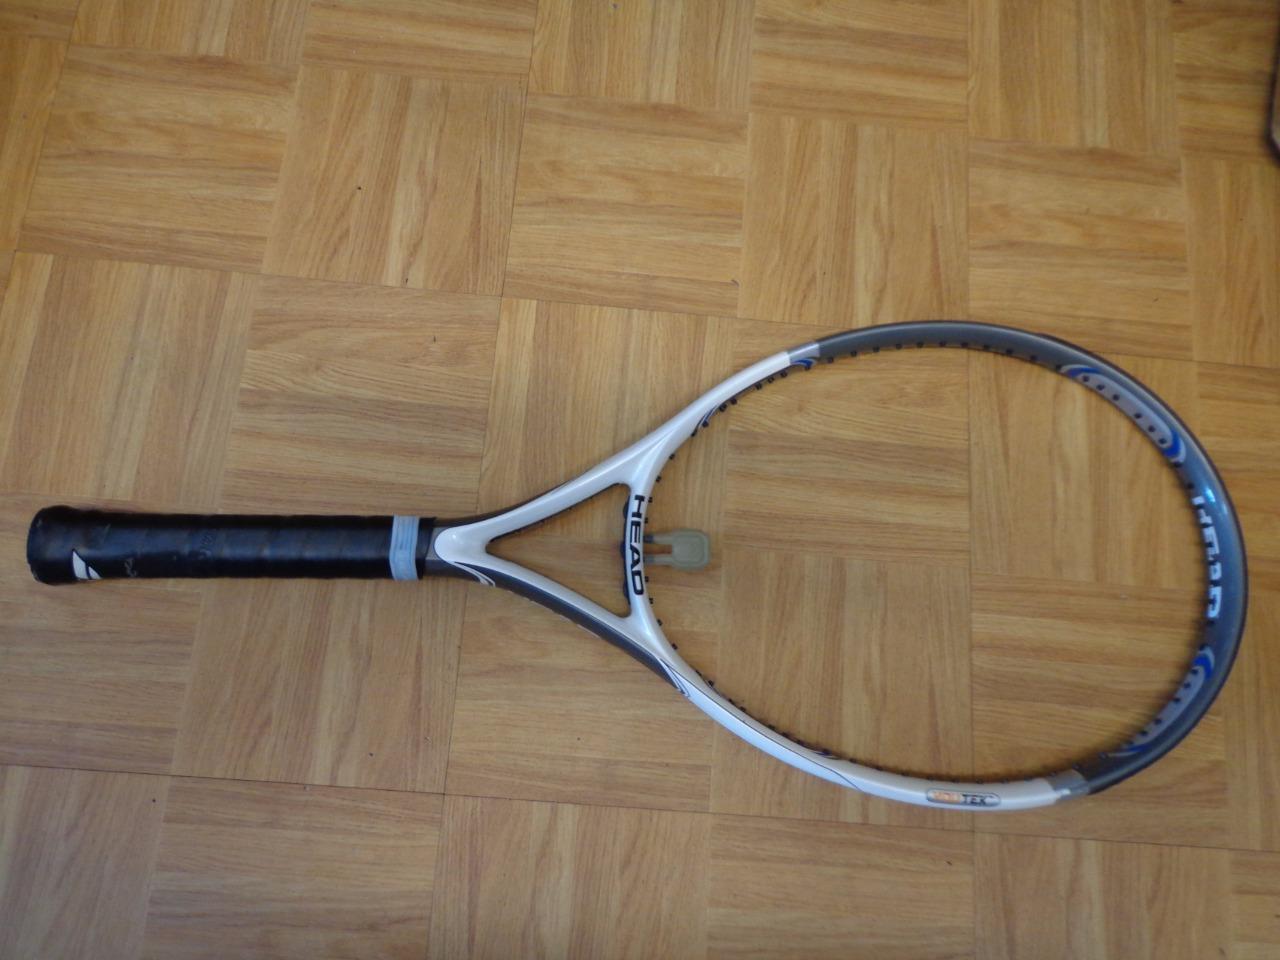 Cabeza Youtek  3 115 cabeza 4 3 8 Grip Tenis Raqueta  envío gratis